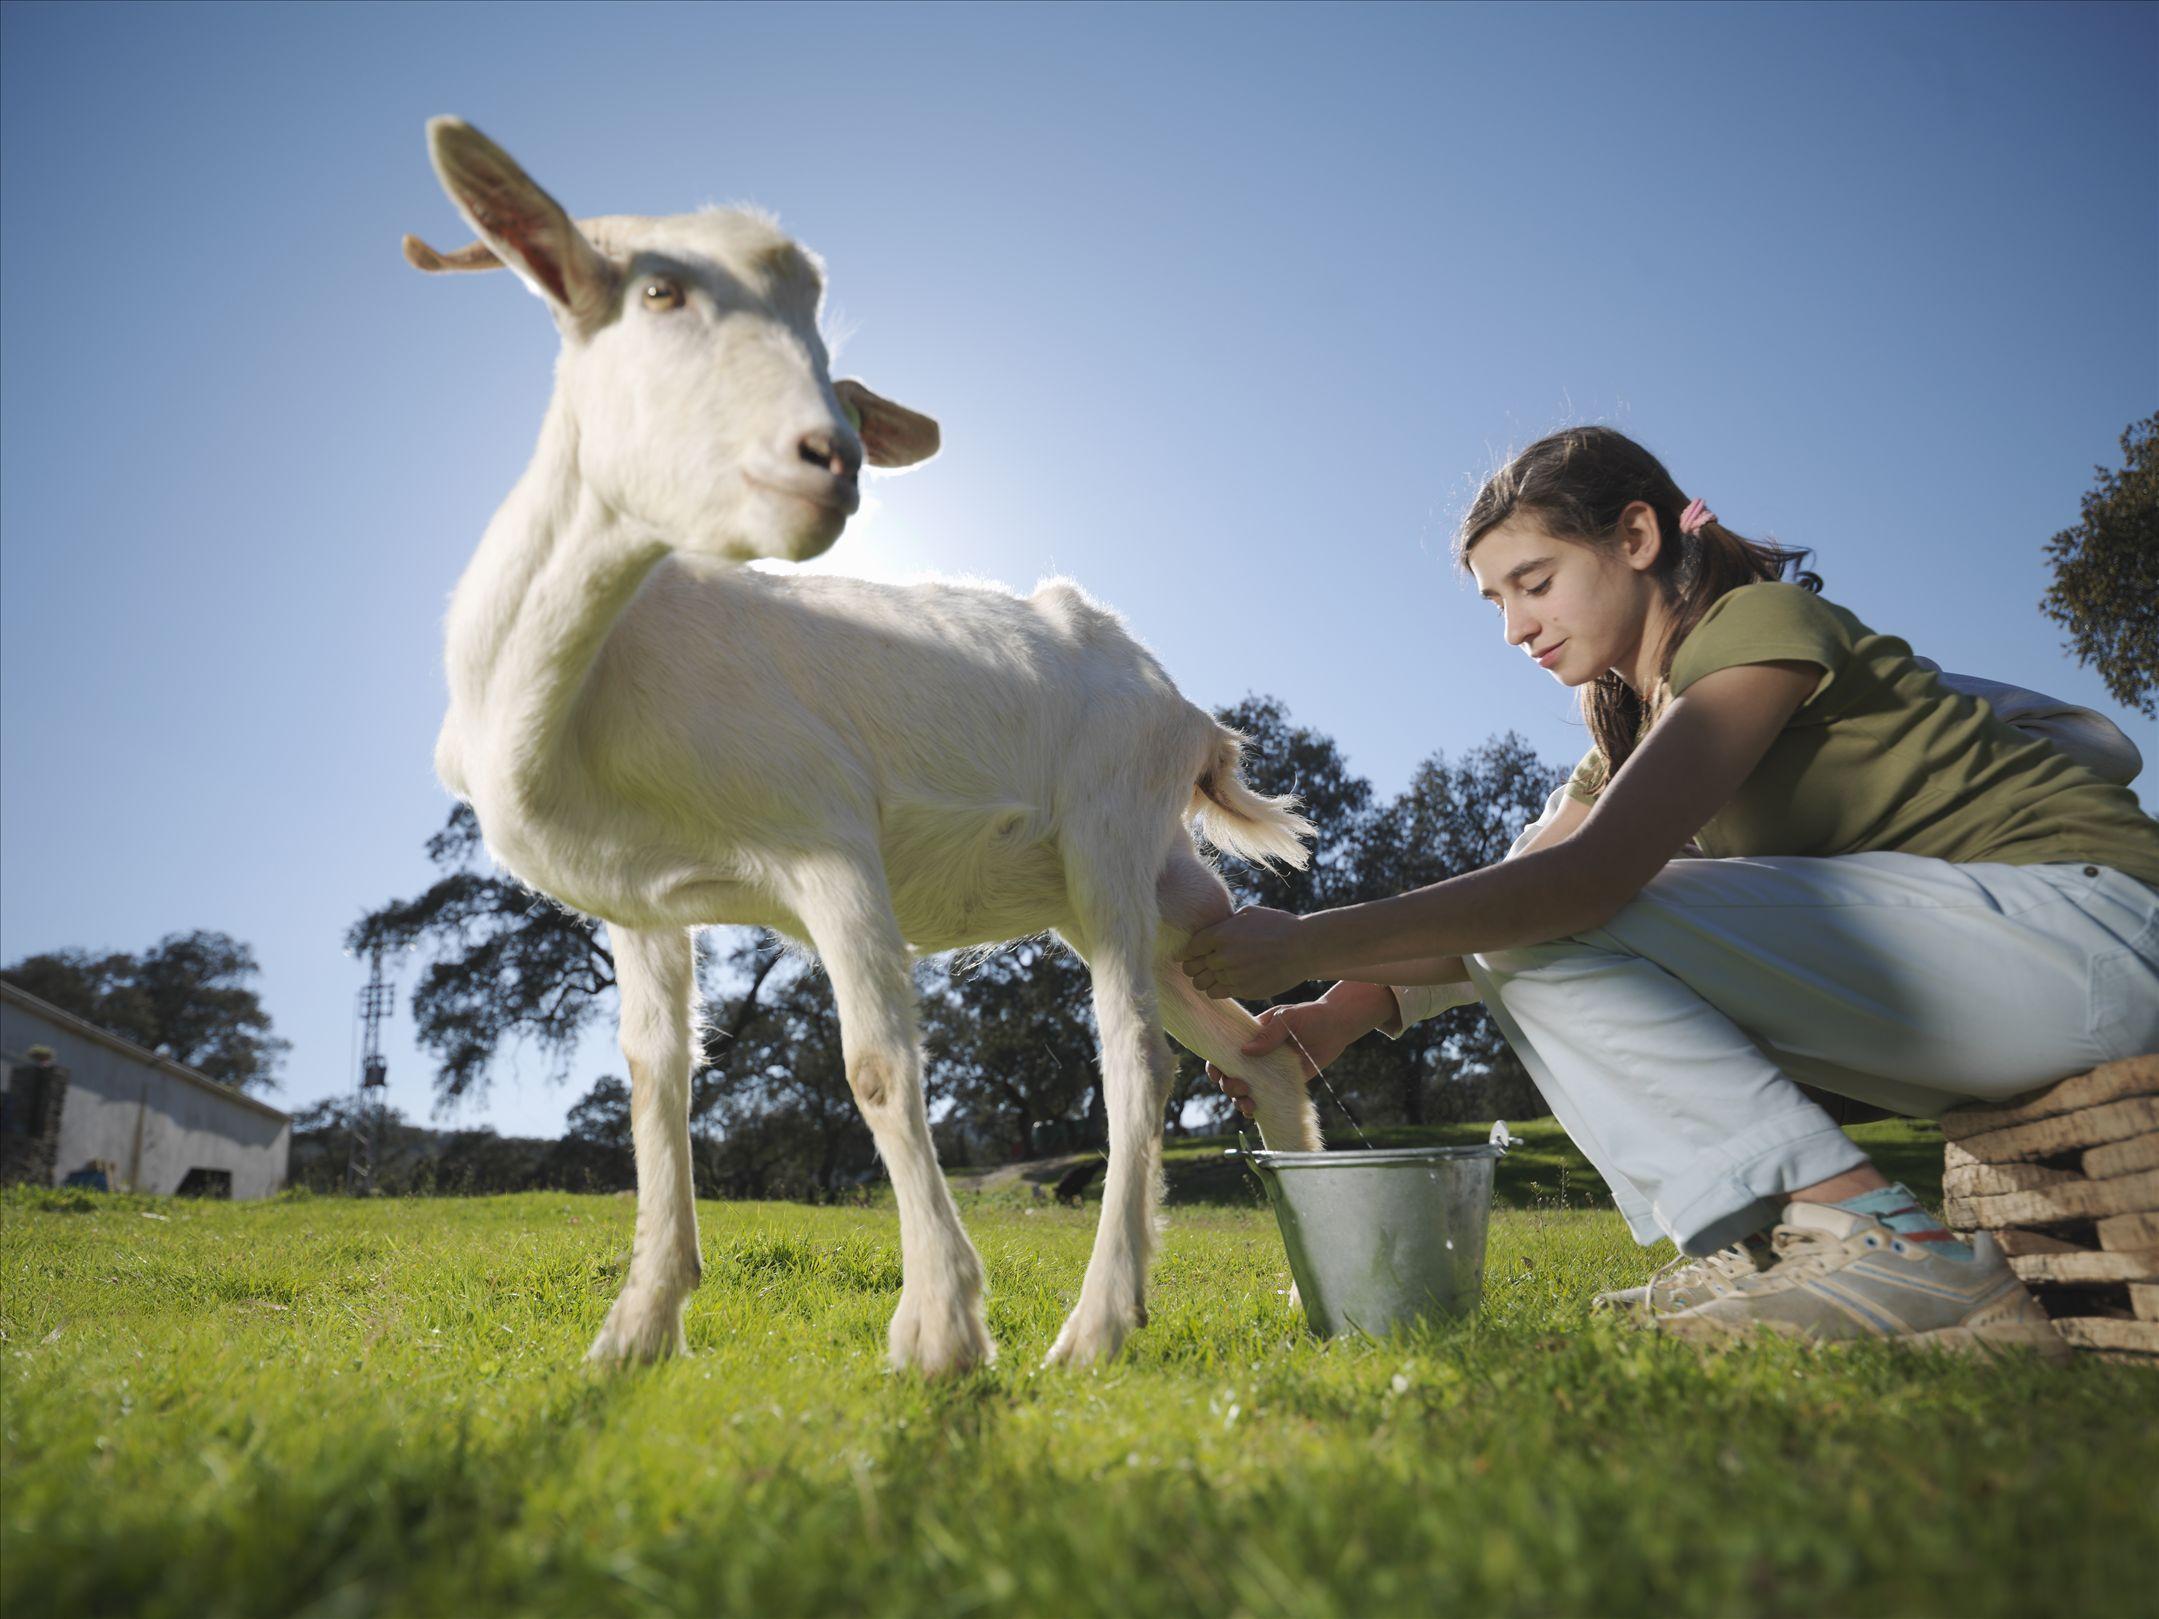 羊奶粉欢迎涨价?第一季度新鲜羊奶的收购价格上涨了40%